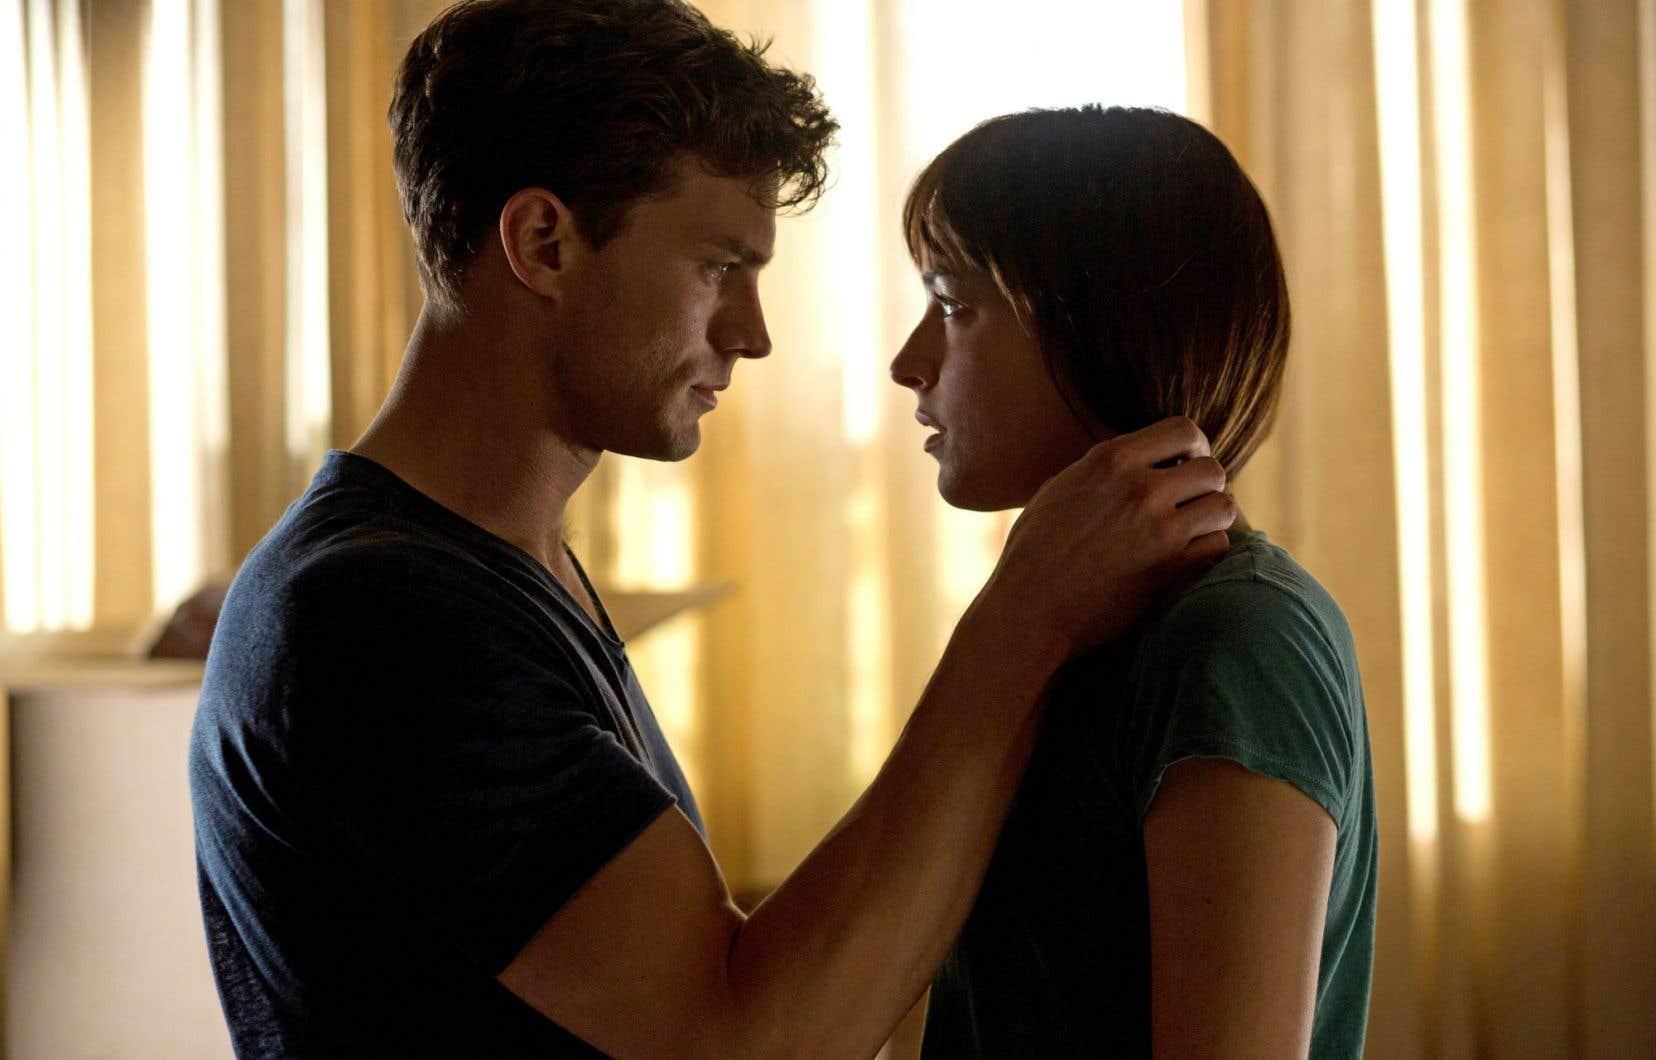 «Fifty Shades of Grey», de Sam Taylor-Johnson, se veut hautement sulfureux. Ce film a encore des croûtes à manger du côté de la représentation érotique.